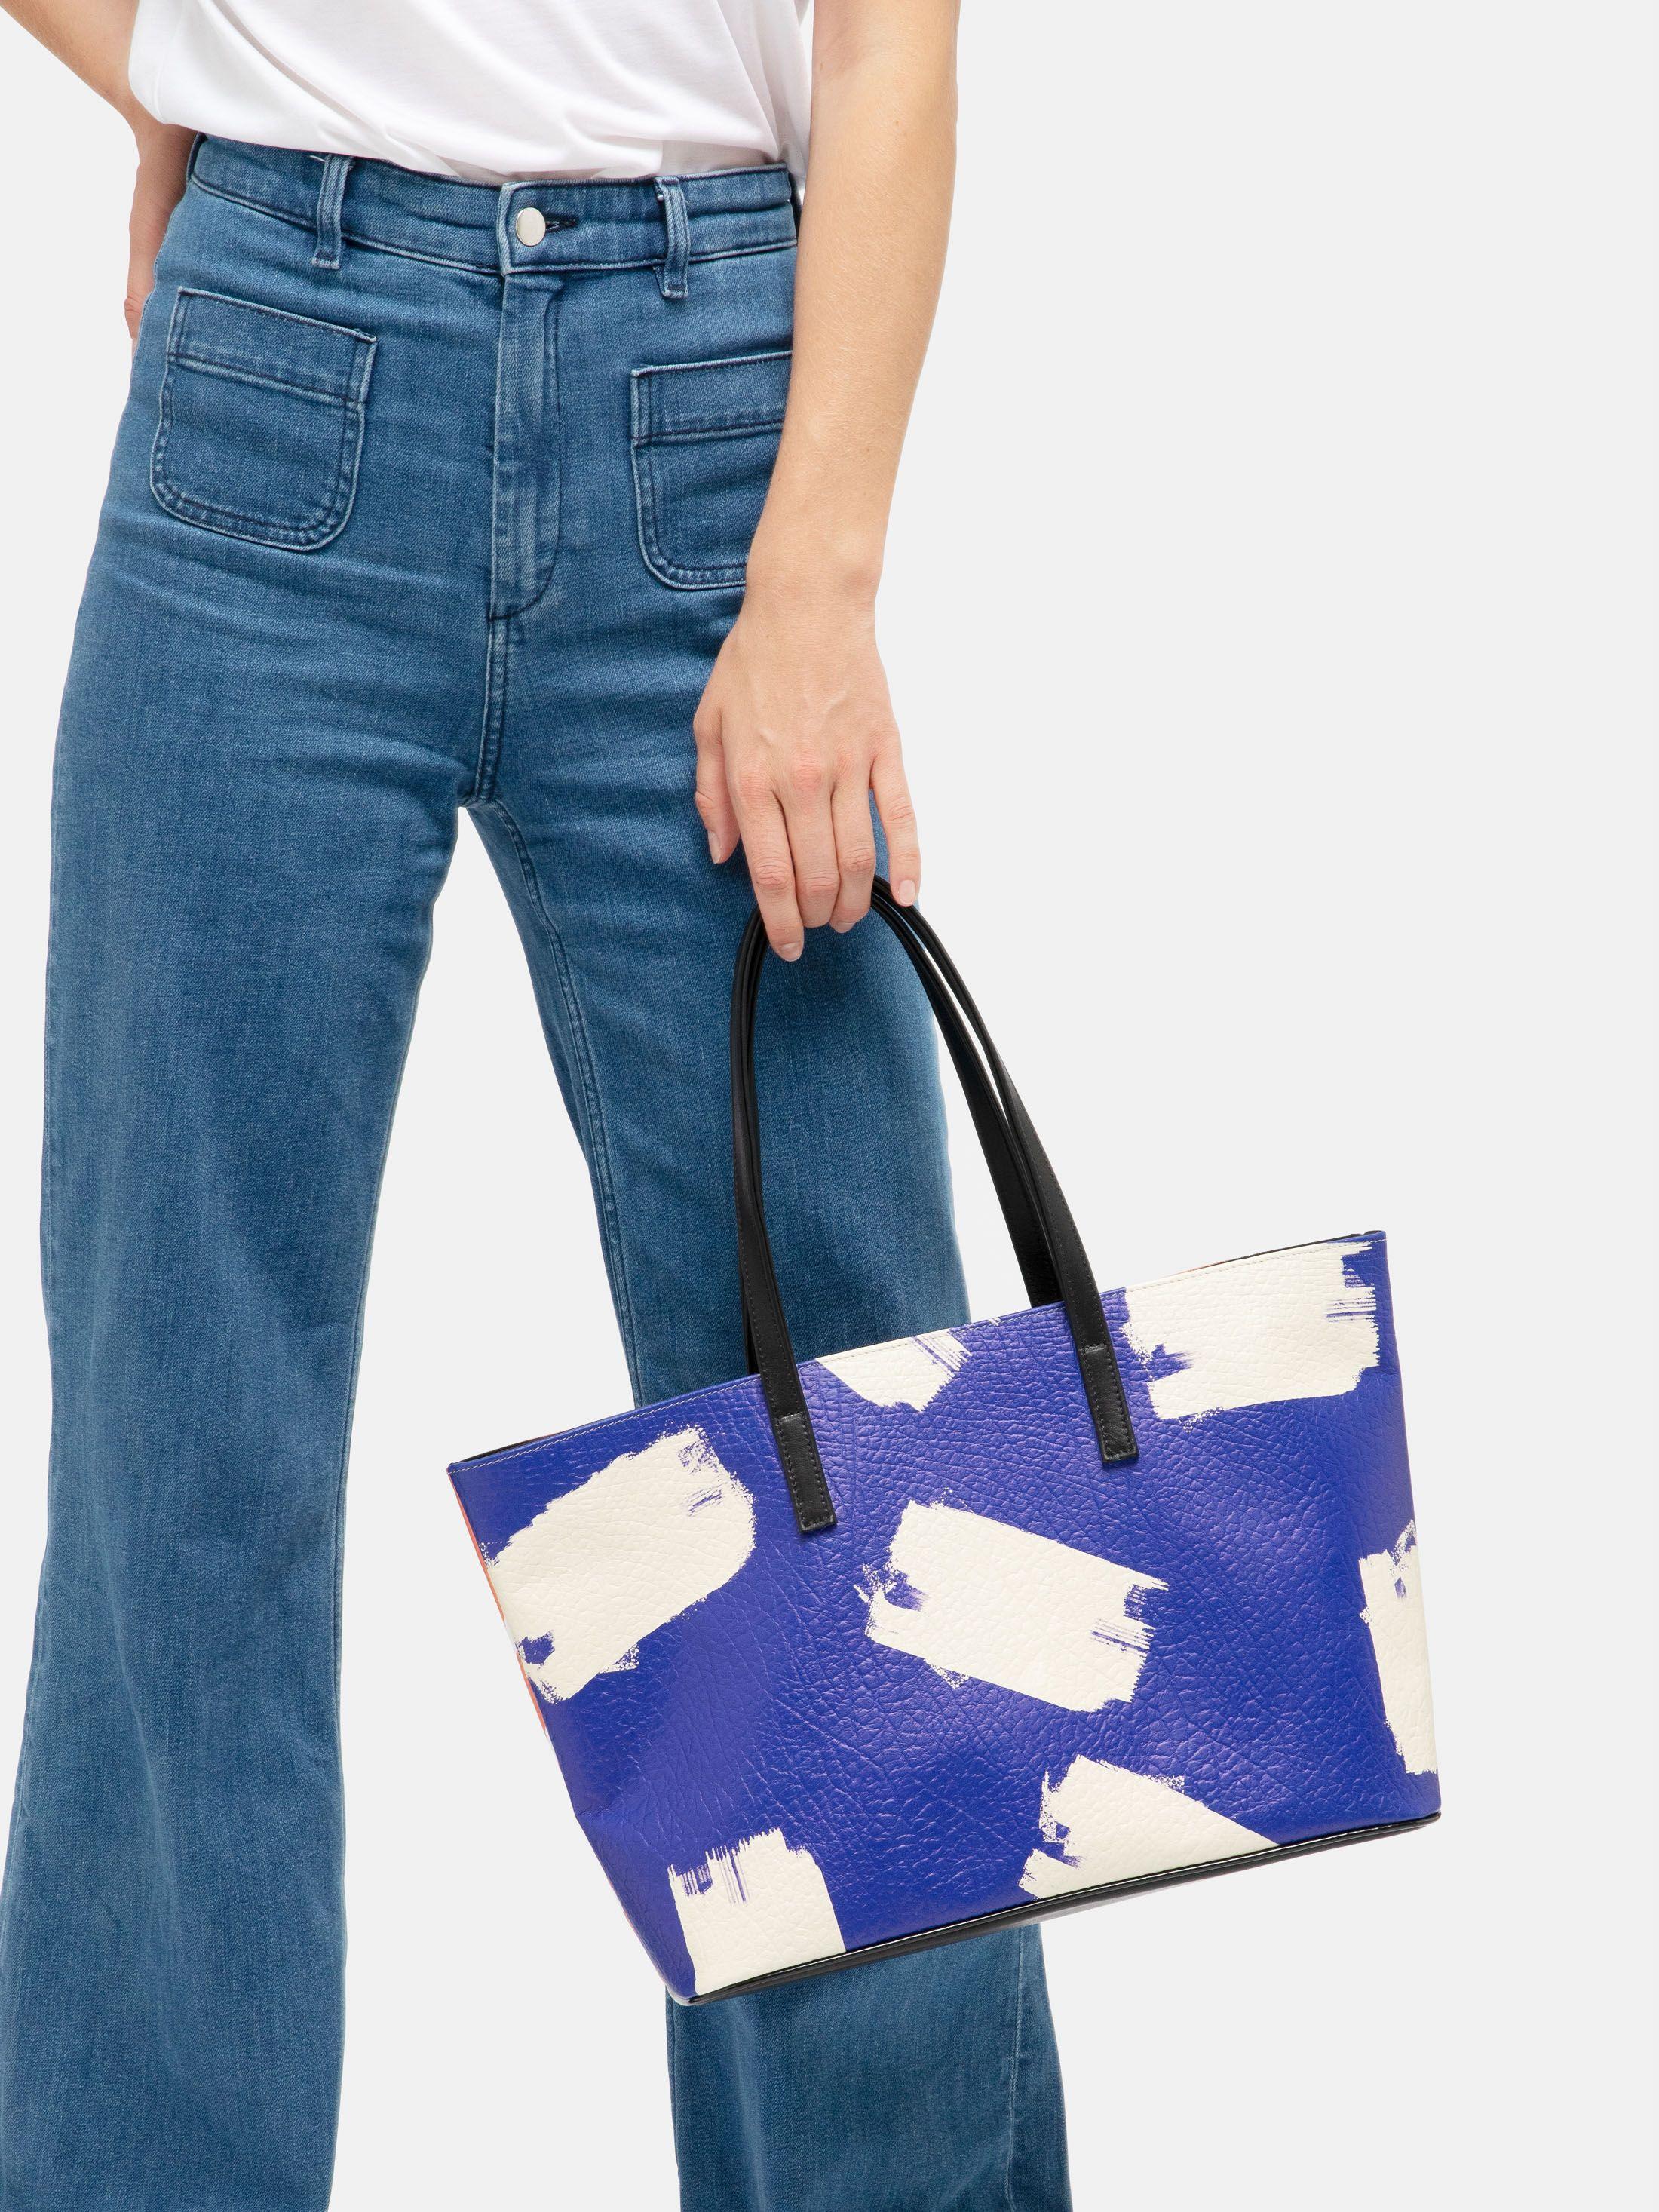 Stampa su borsa tote in pelle